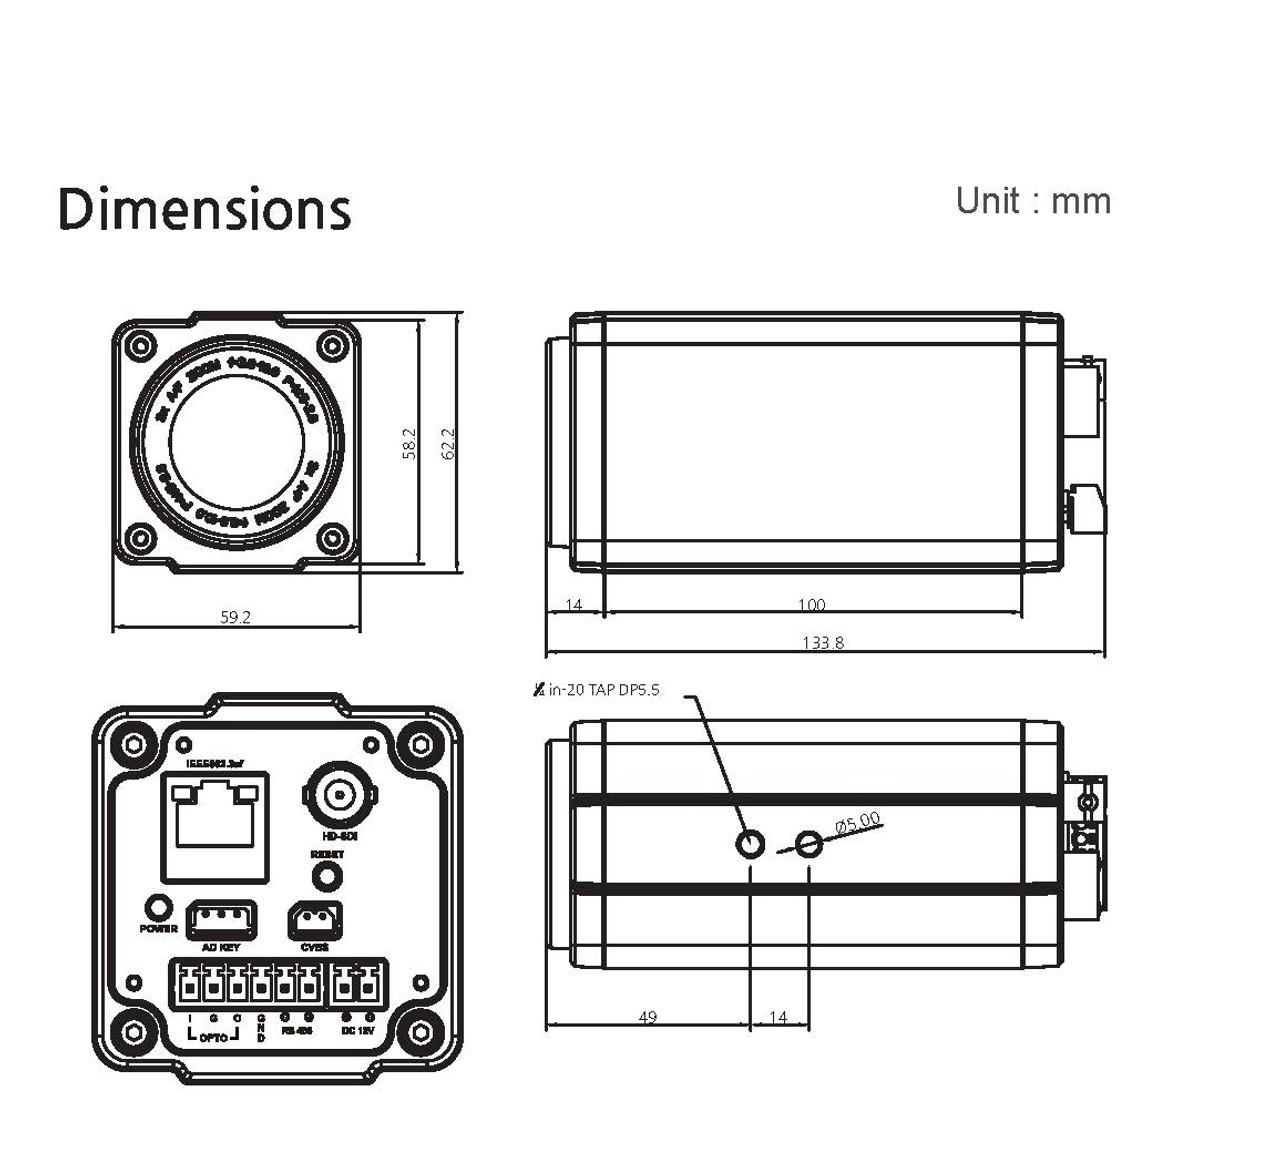 Blue Mango BMH-HG25 Dimensions